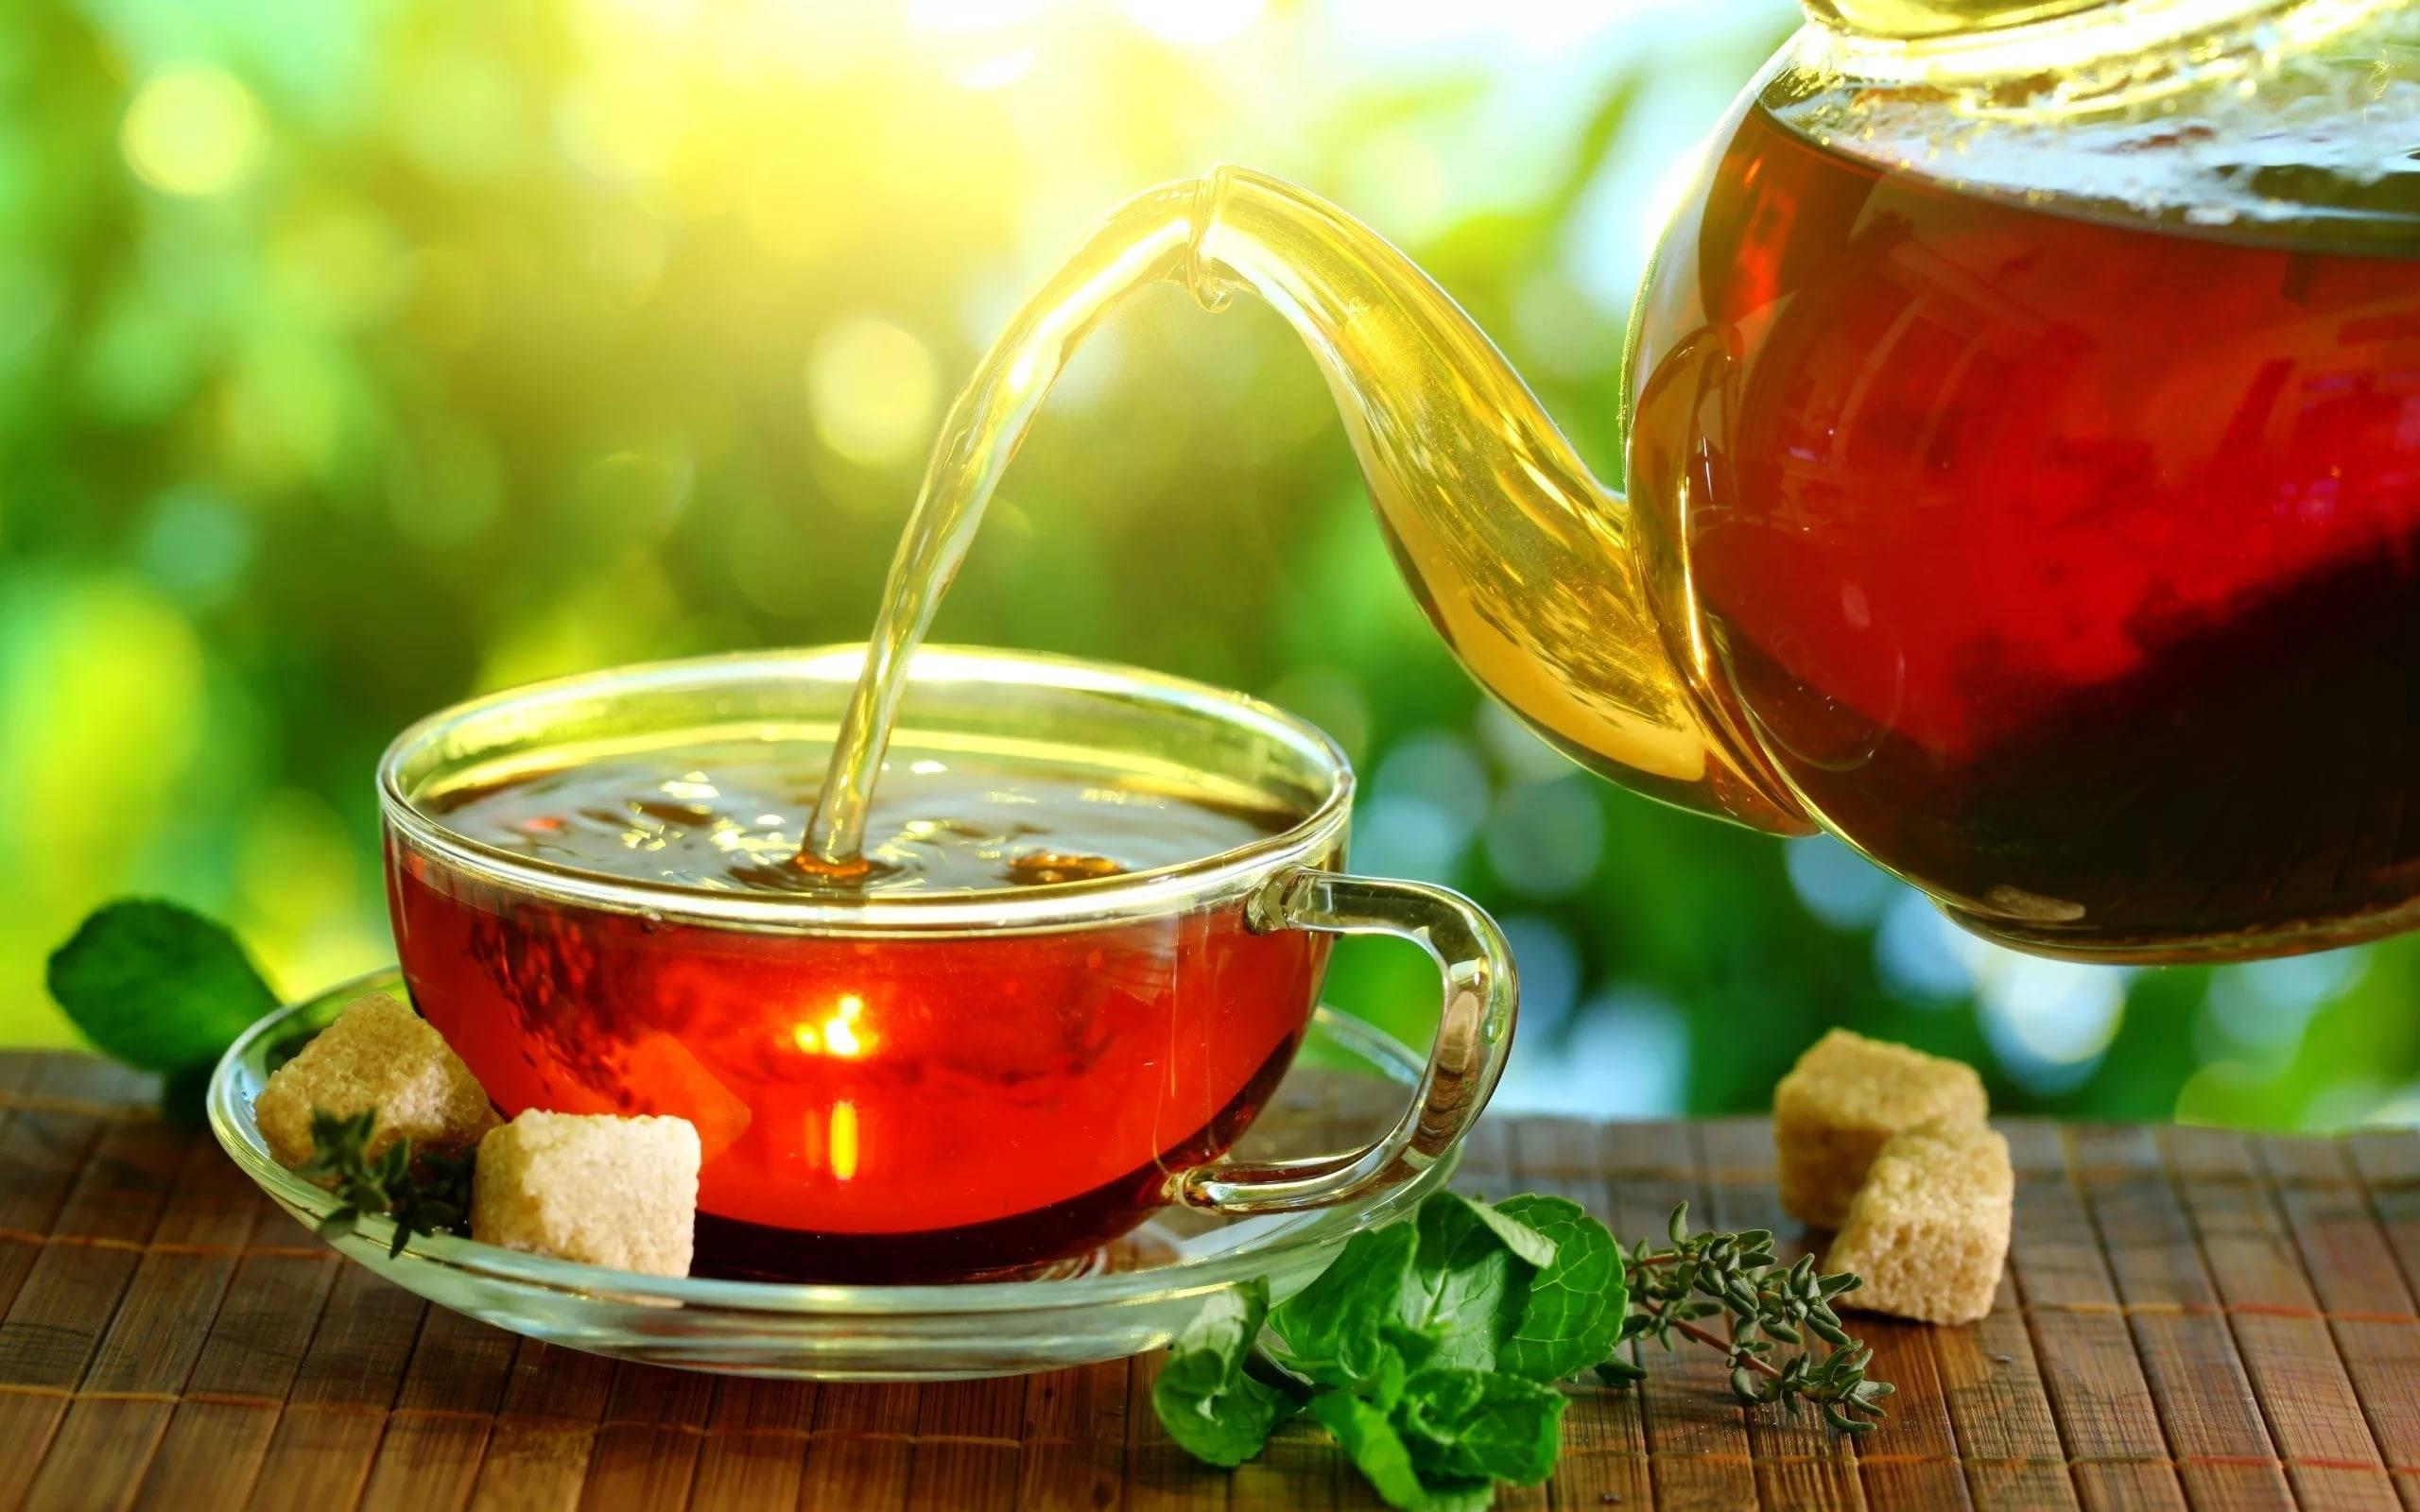 Чай с коньяком: польза и вред для нашего здоровья